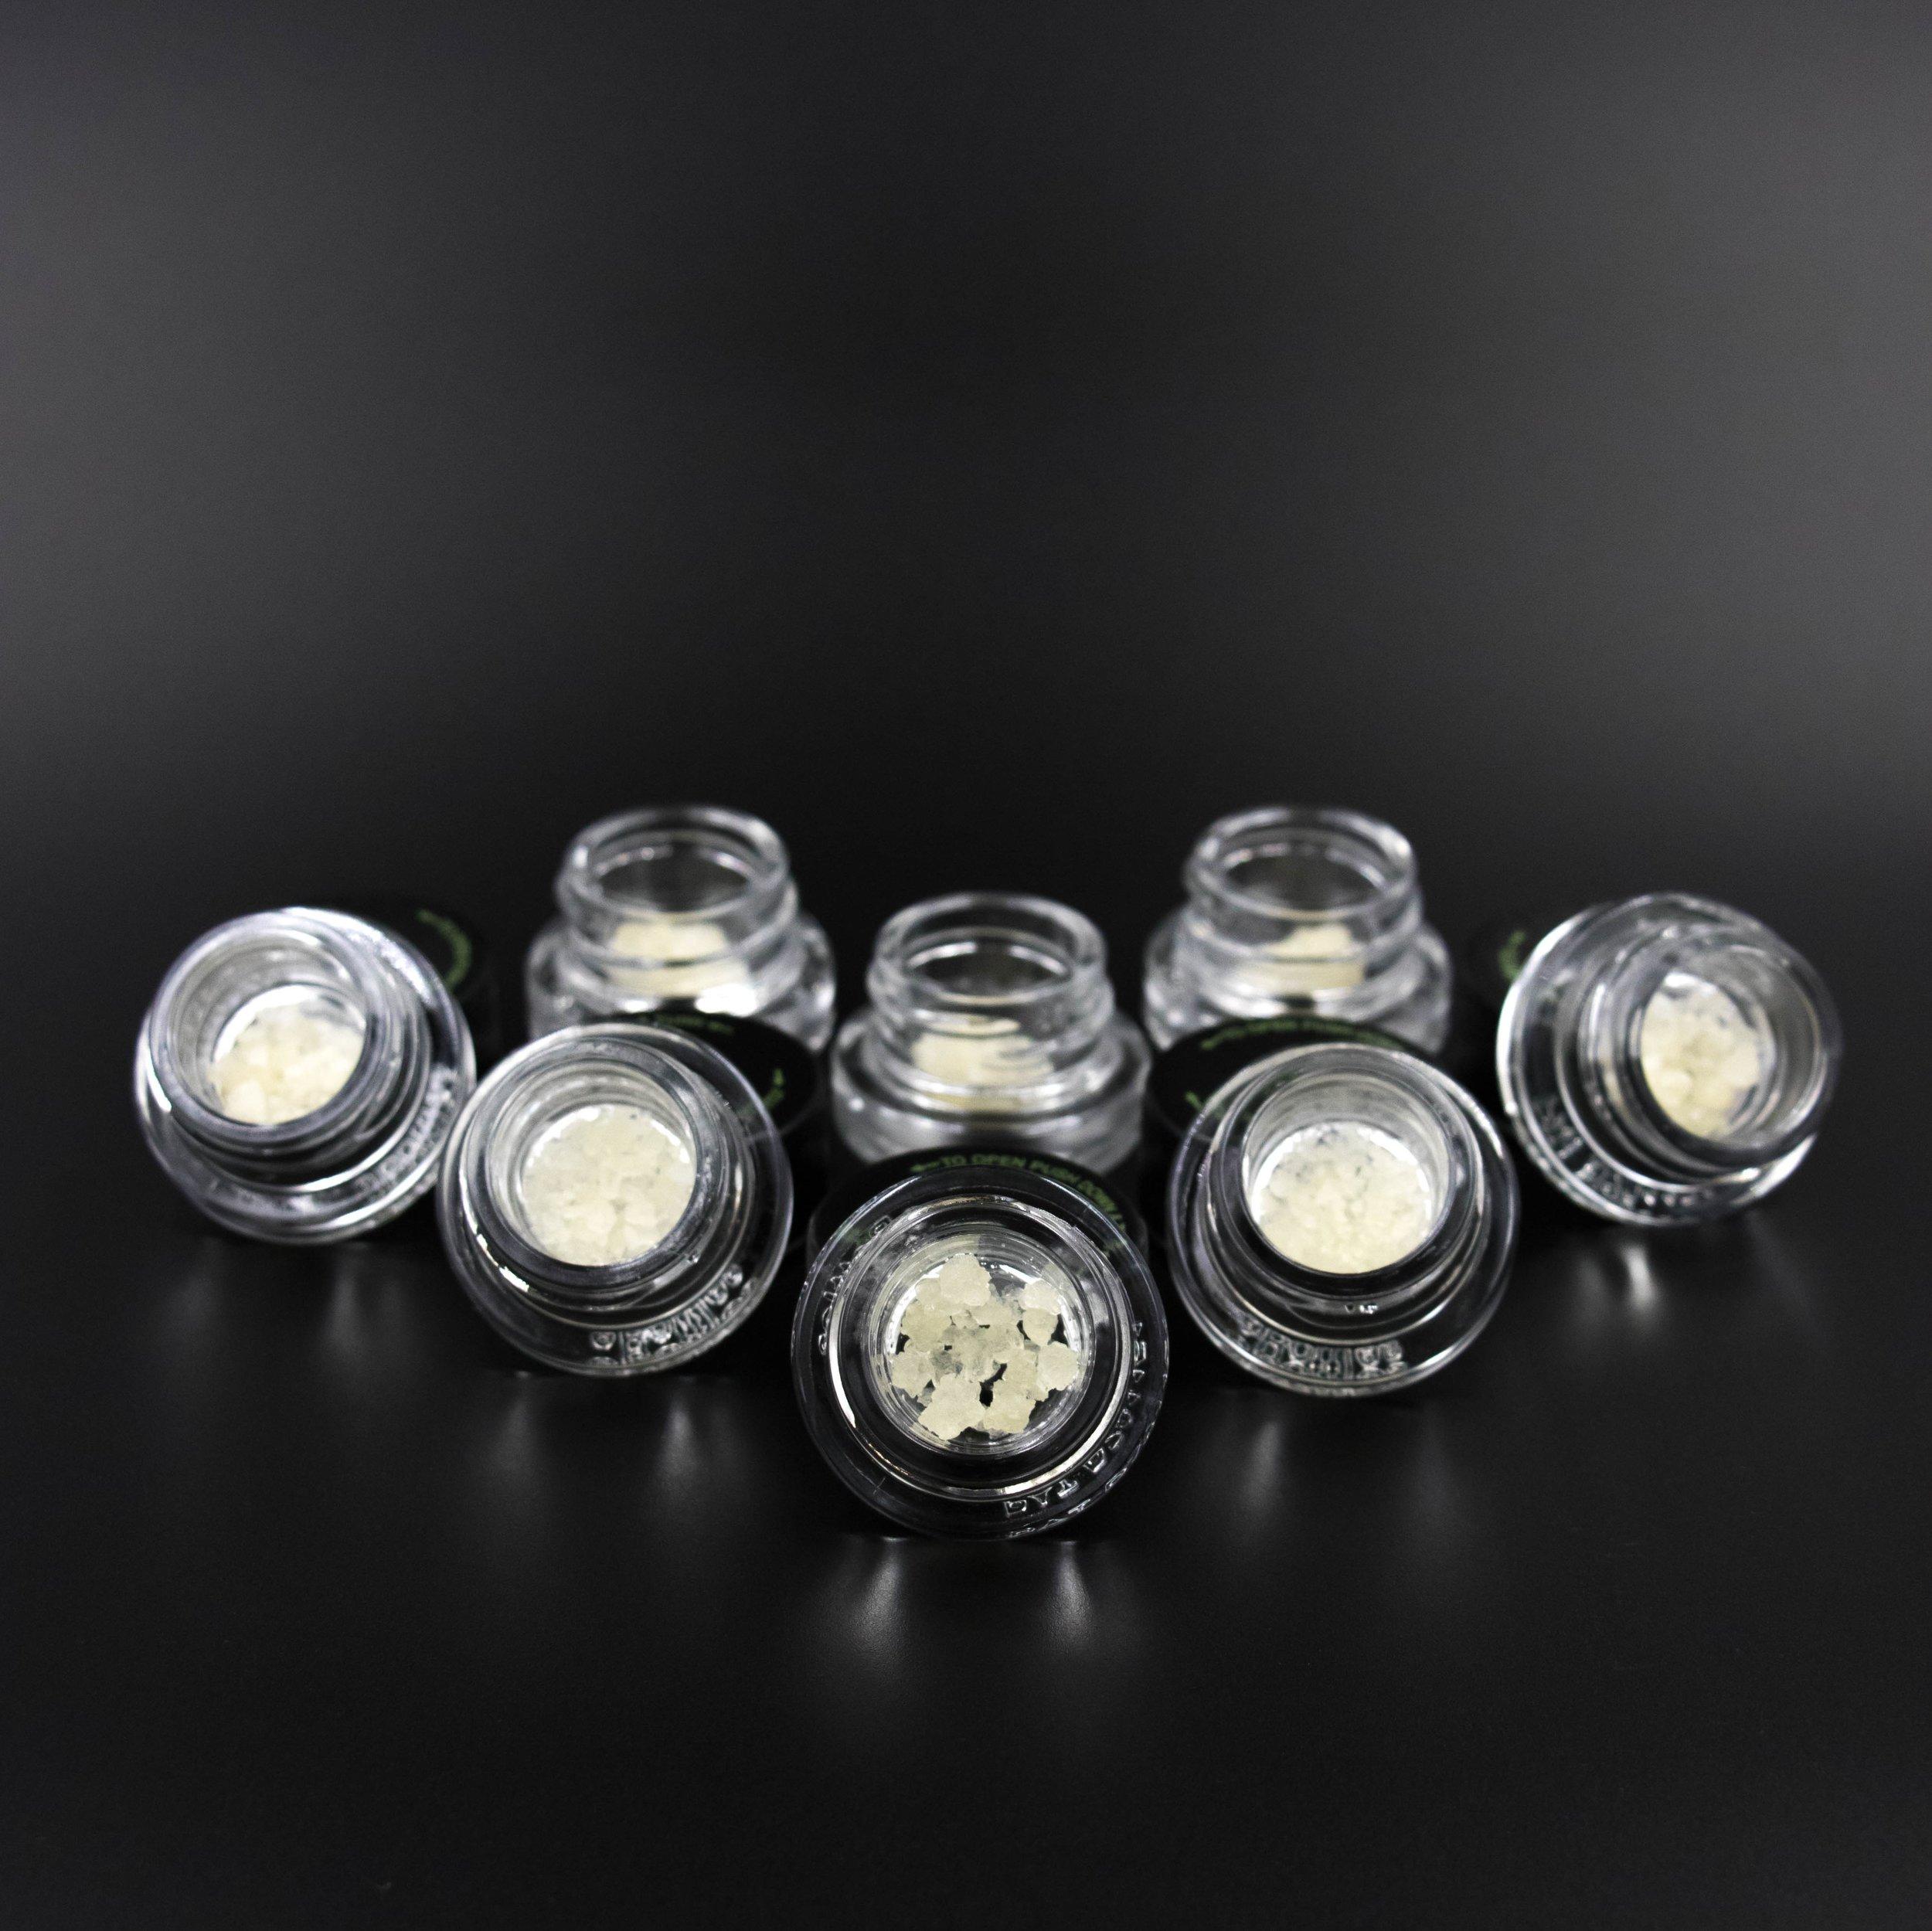 thca-crystals-2-ig.jpg